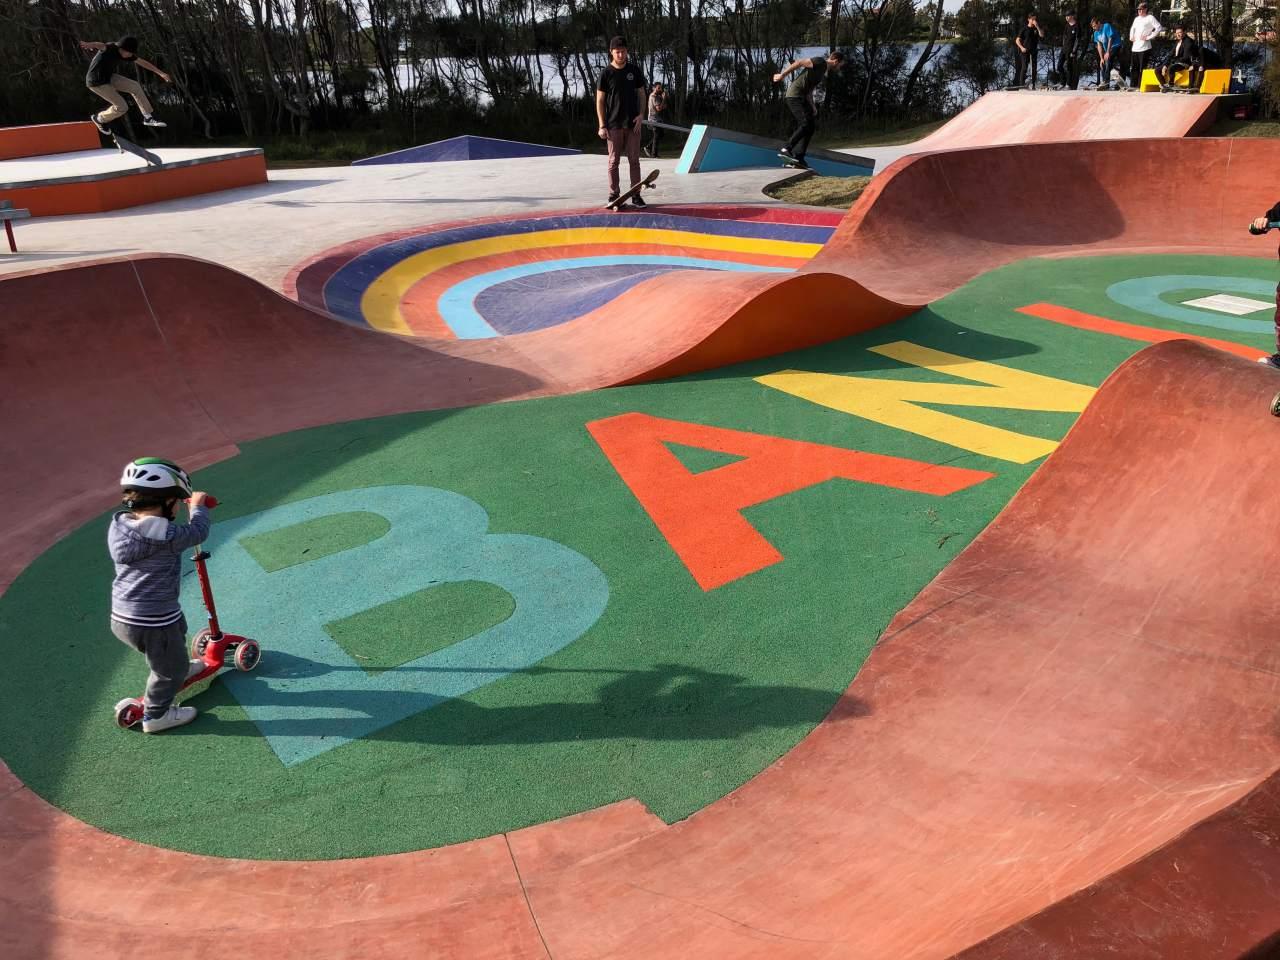 Central Coast Skate Parks